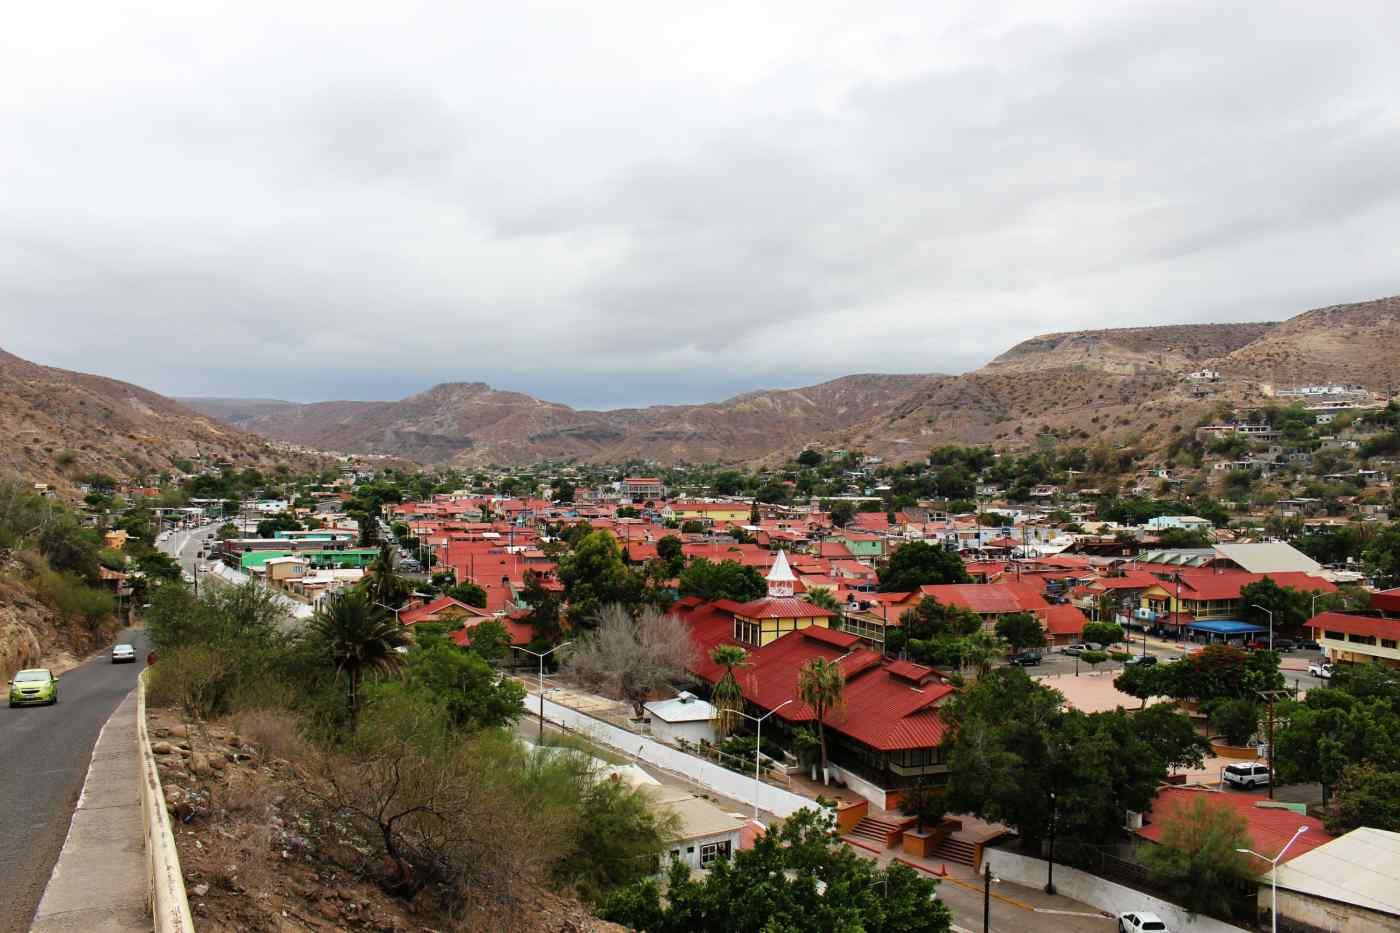 Santa Rosalia, Mexico